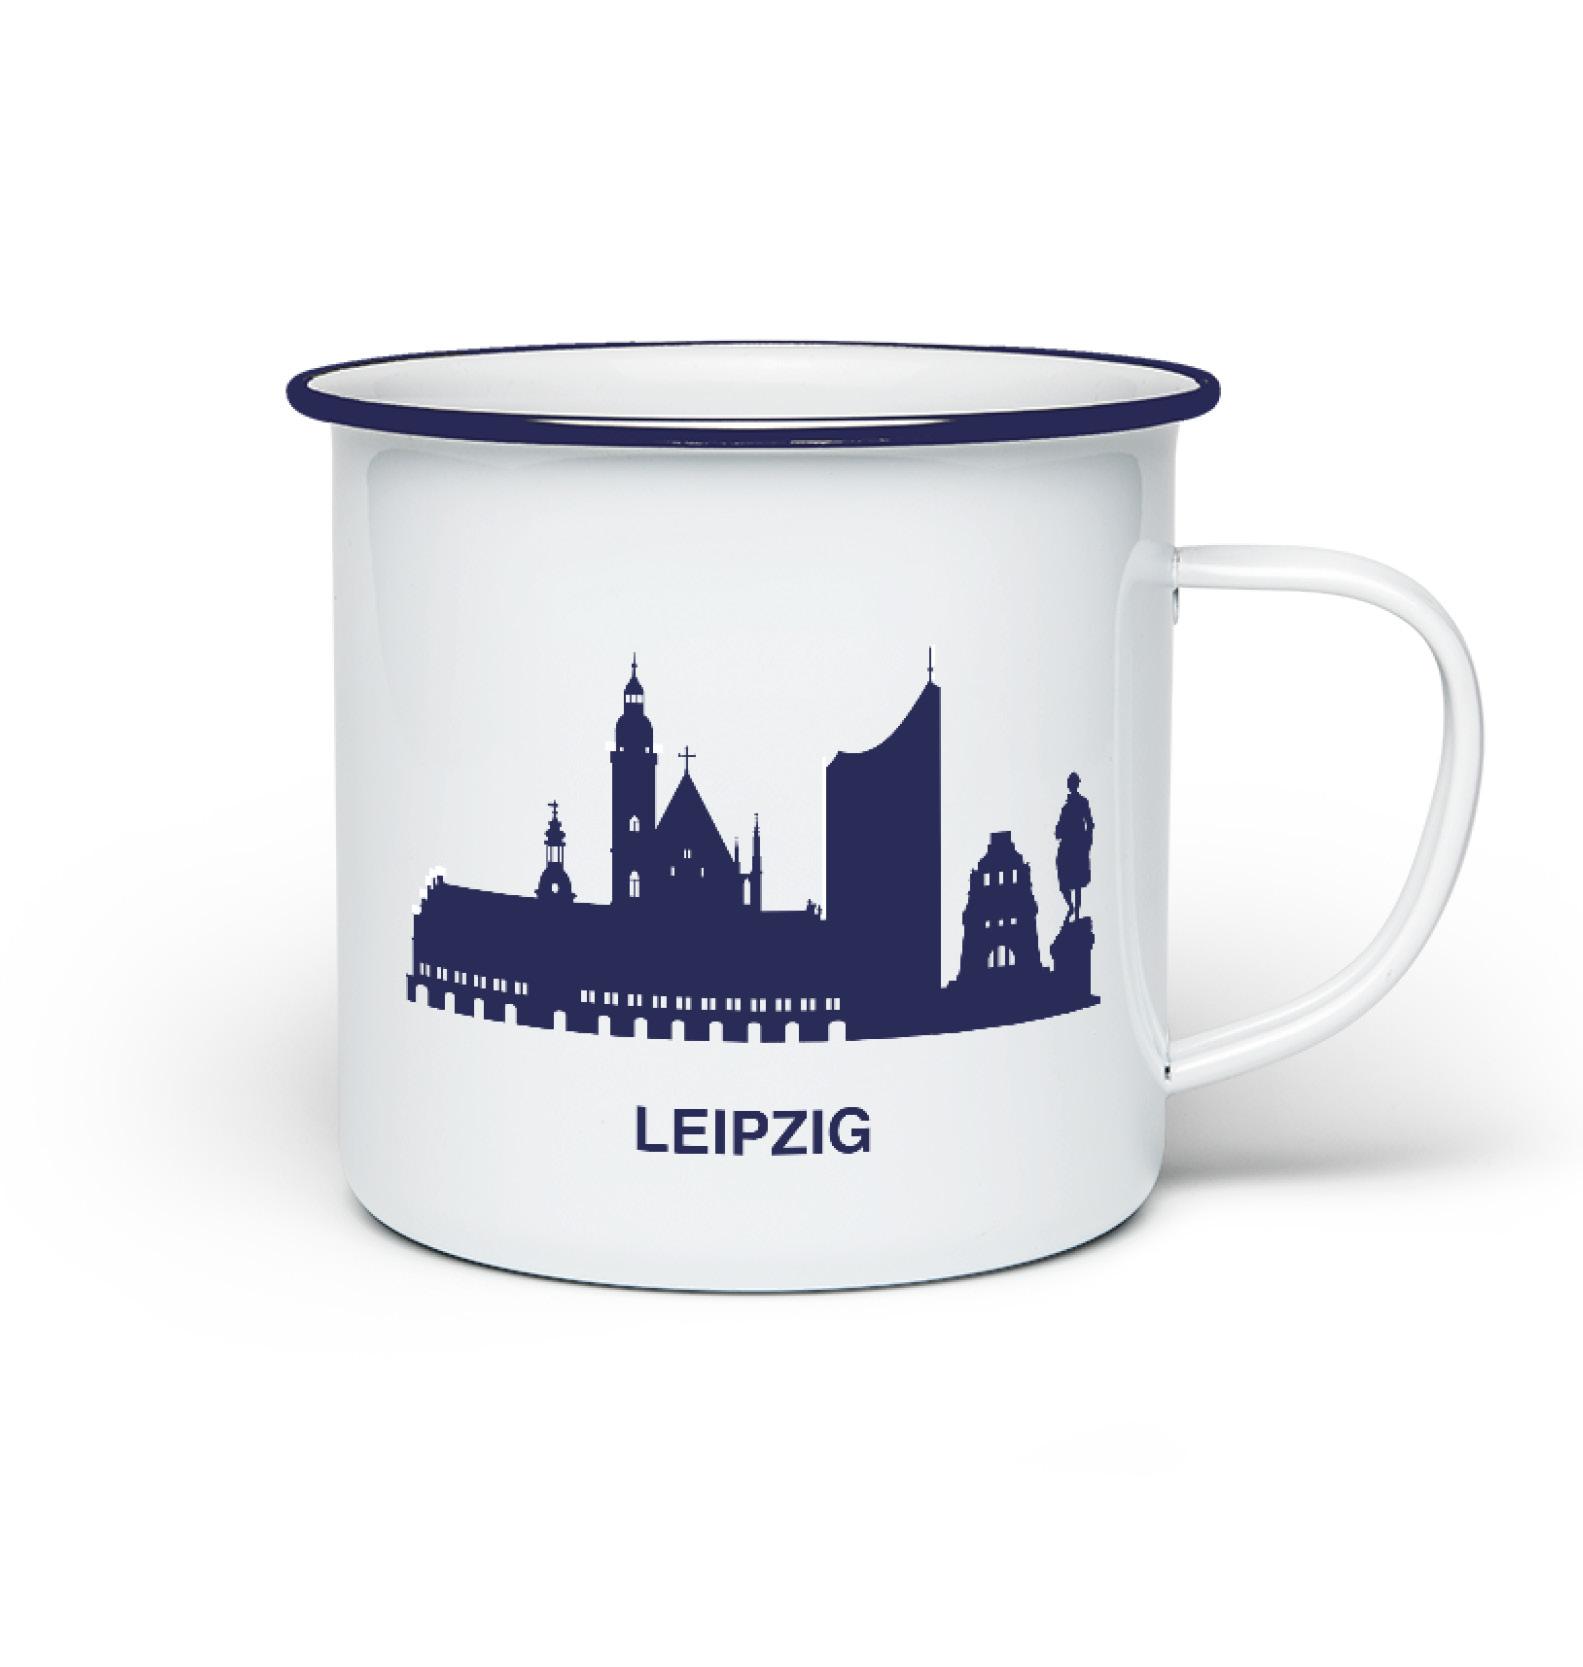 Emaillie TAsse Leipzig wei blau